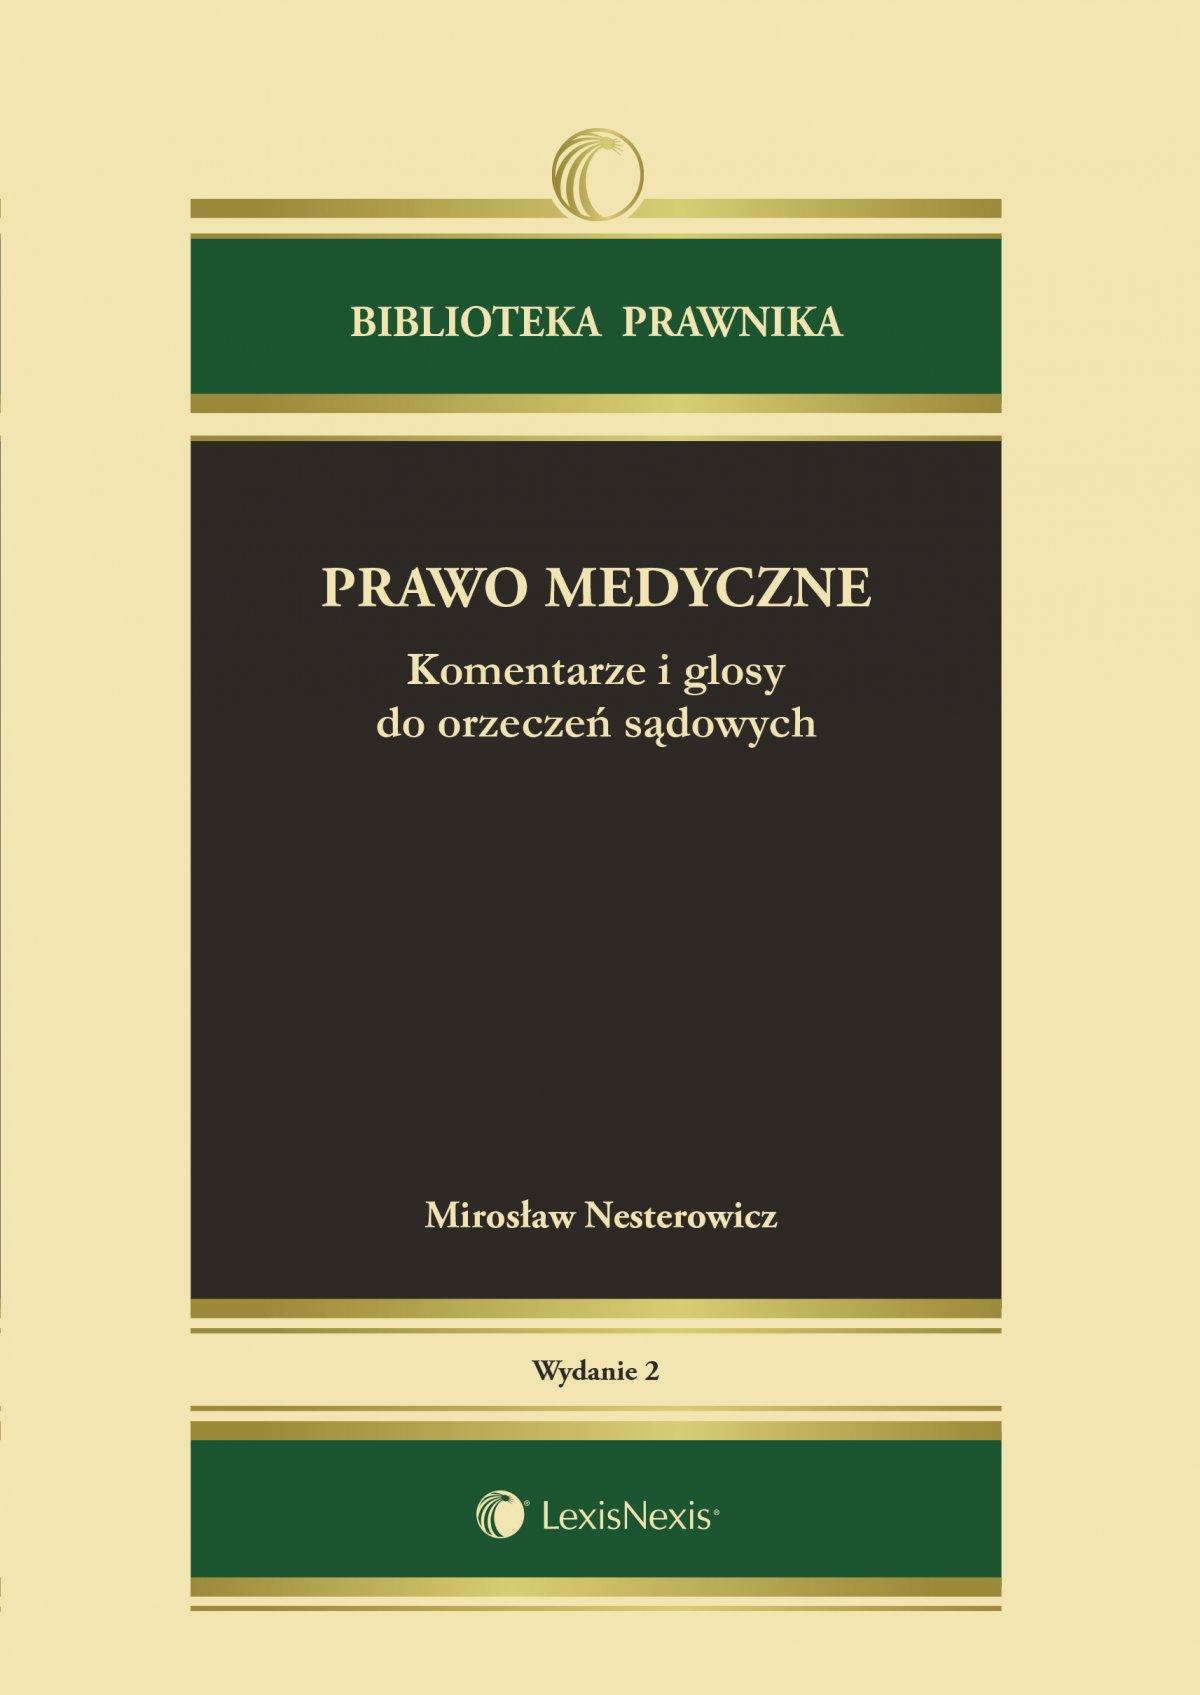 Prawo medyczne. Komentarze i glosy do orzeczeń sądowych.  Wydanie 2 - Ebook (Książka EPUB) do pobrania w formacie EPUB